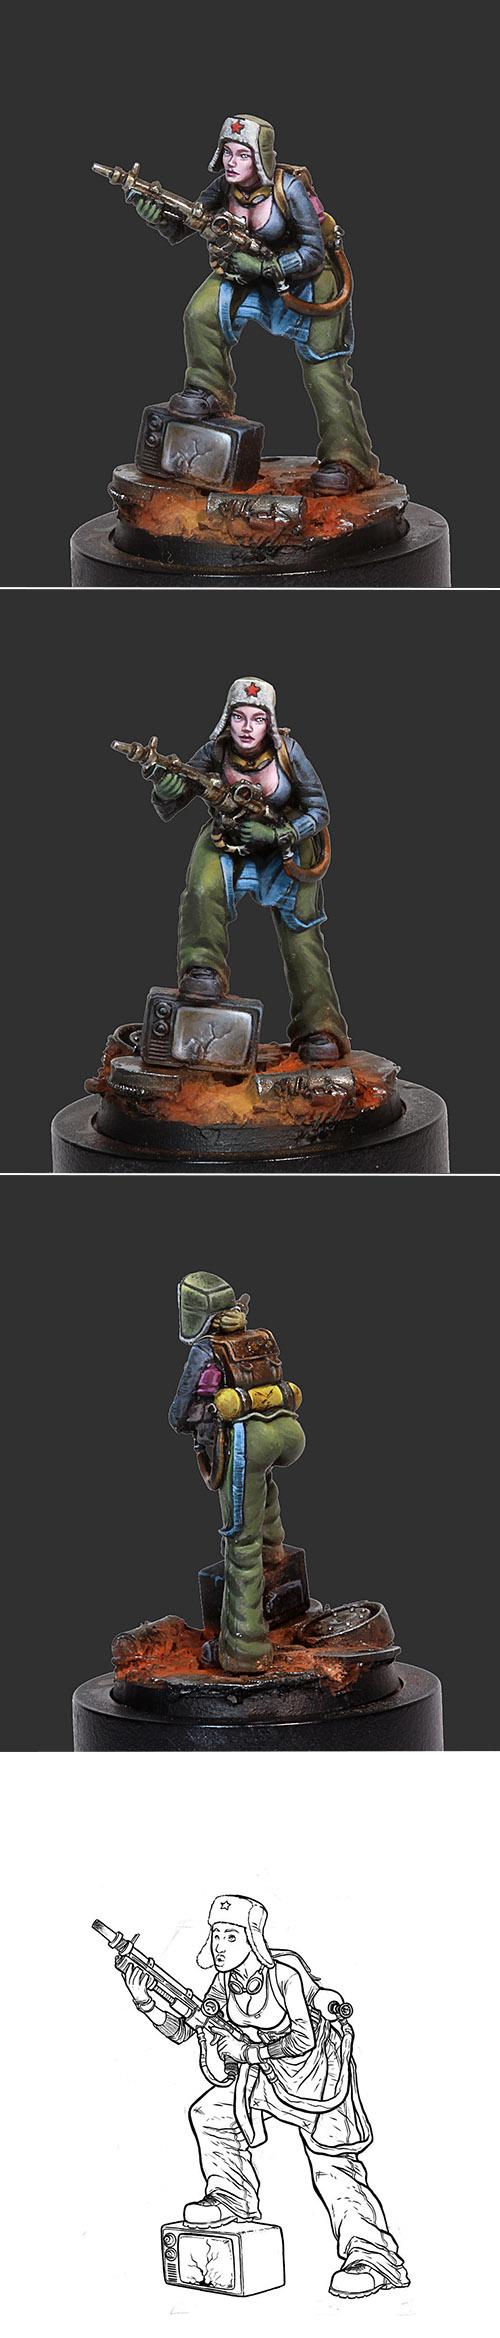 Punkapocalyptic: Junker Gear